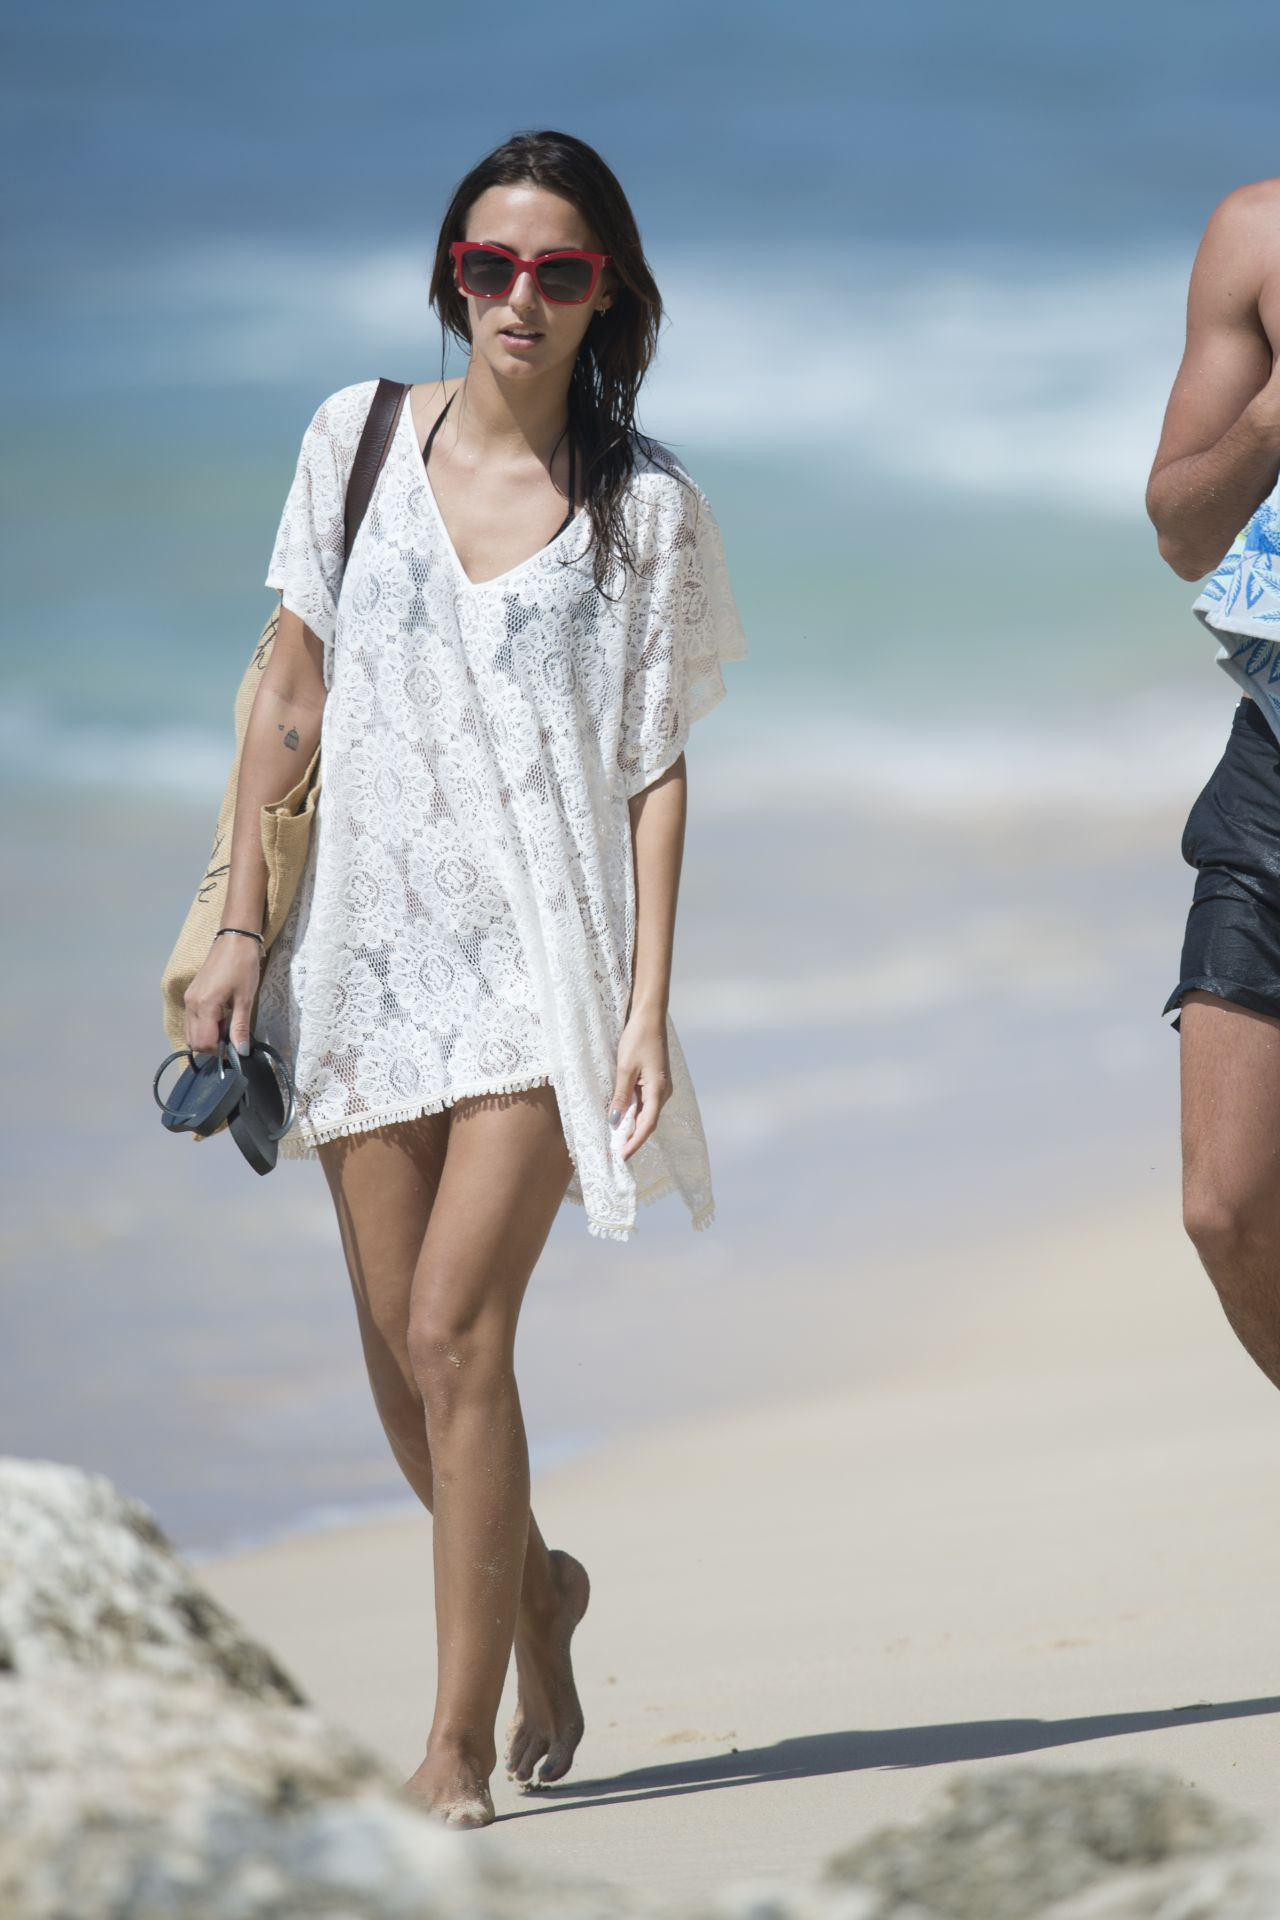 Lucy Watson Bikini Candids Beach In Barbados 12 31 2015